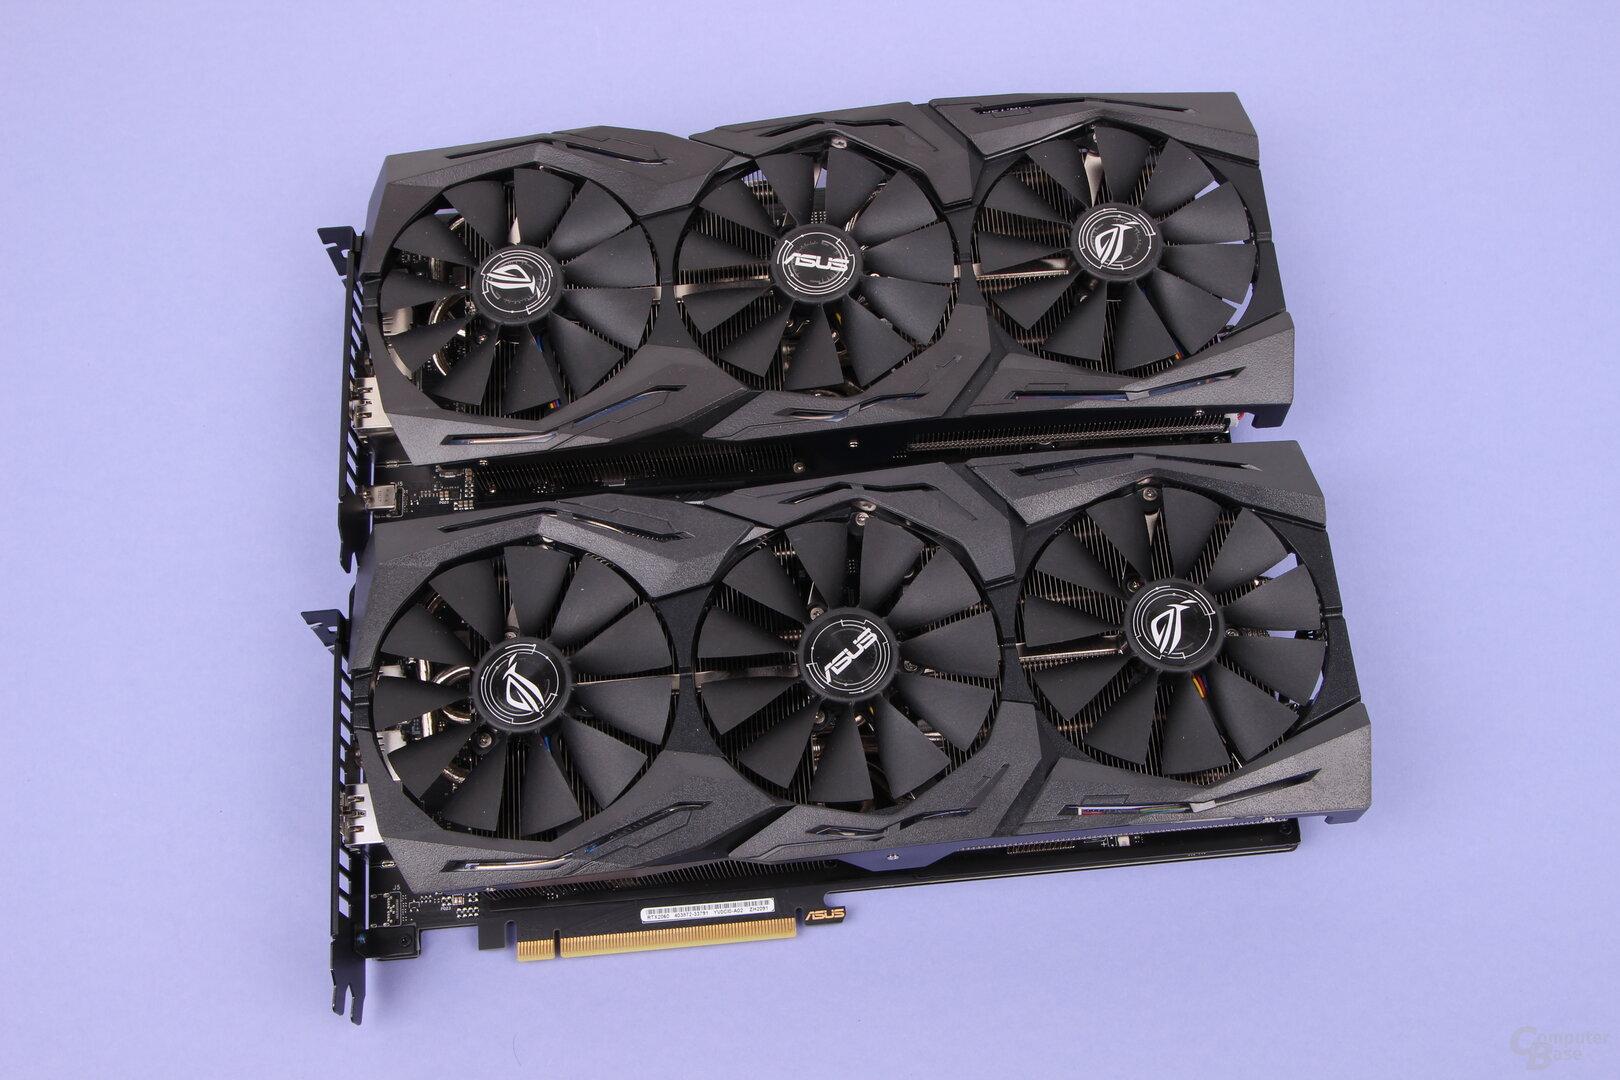 Asus GeForce RTX 2070 Strix (oben) und Asus RTX 2060 Strix OC (unten)